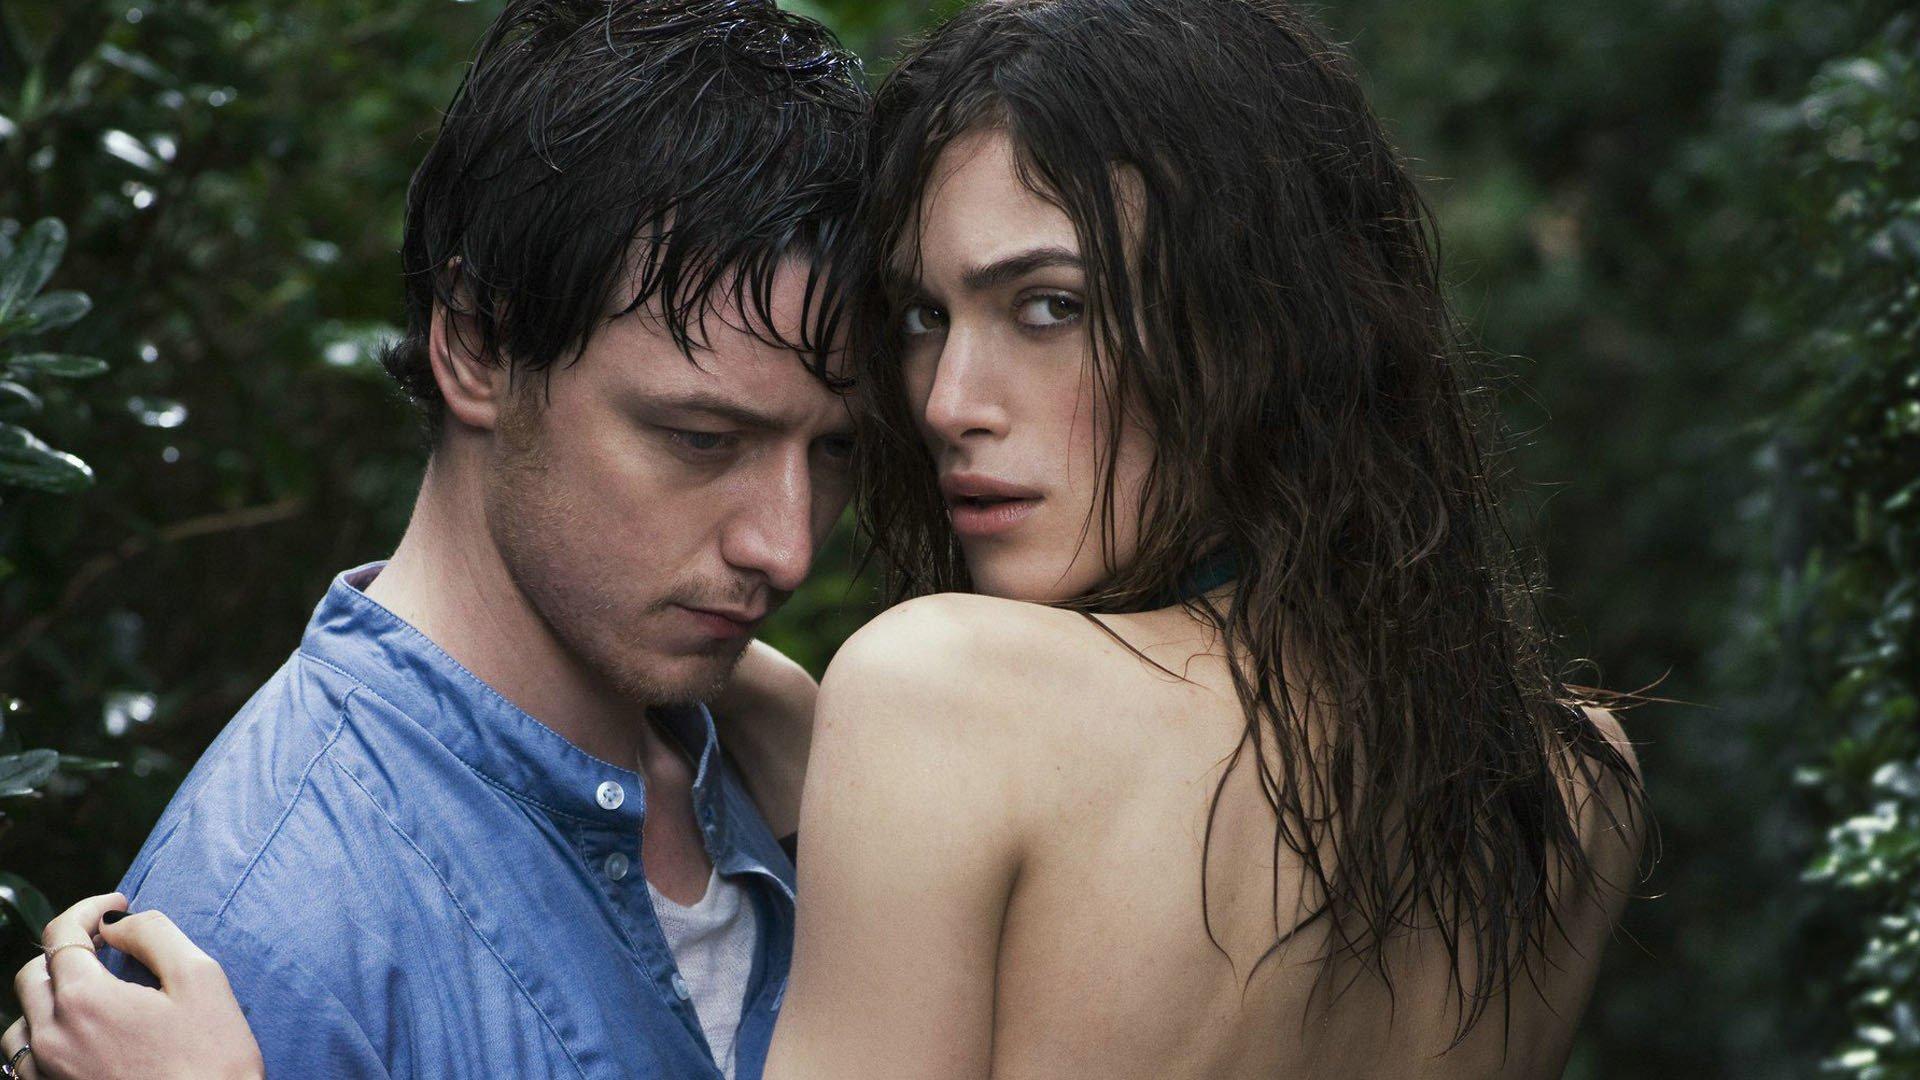 Najnowsze filmy romantyczne online dating